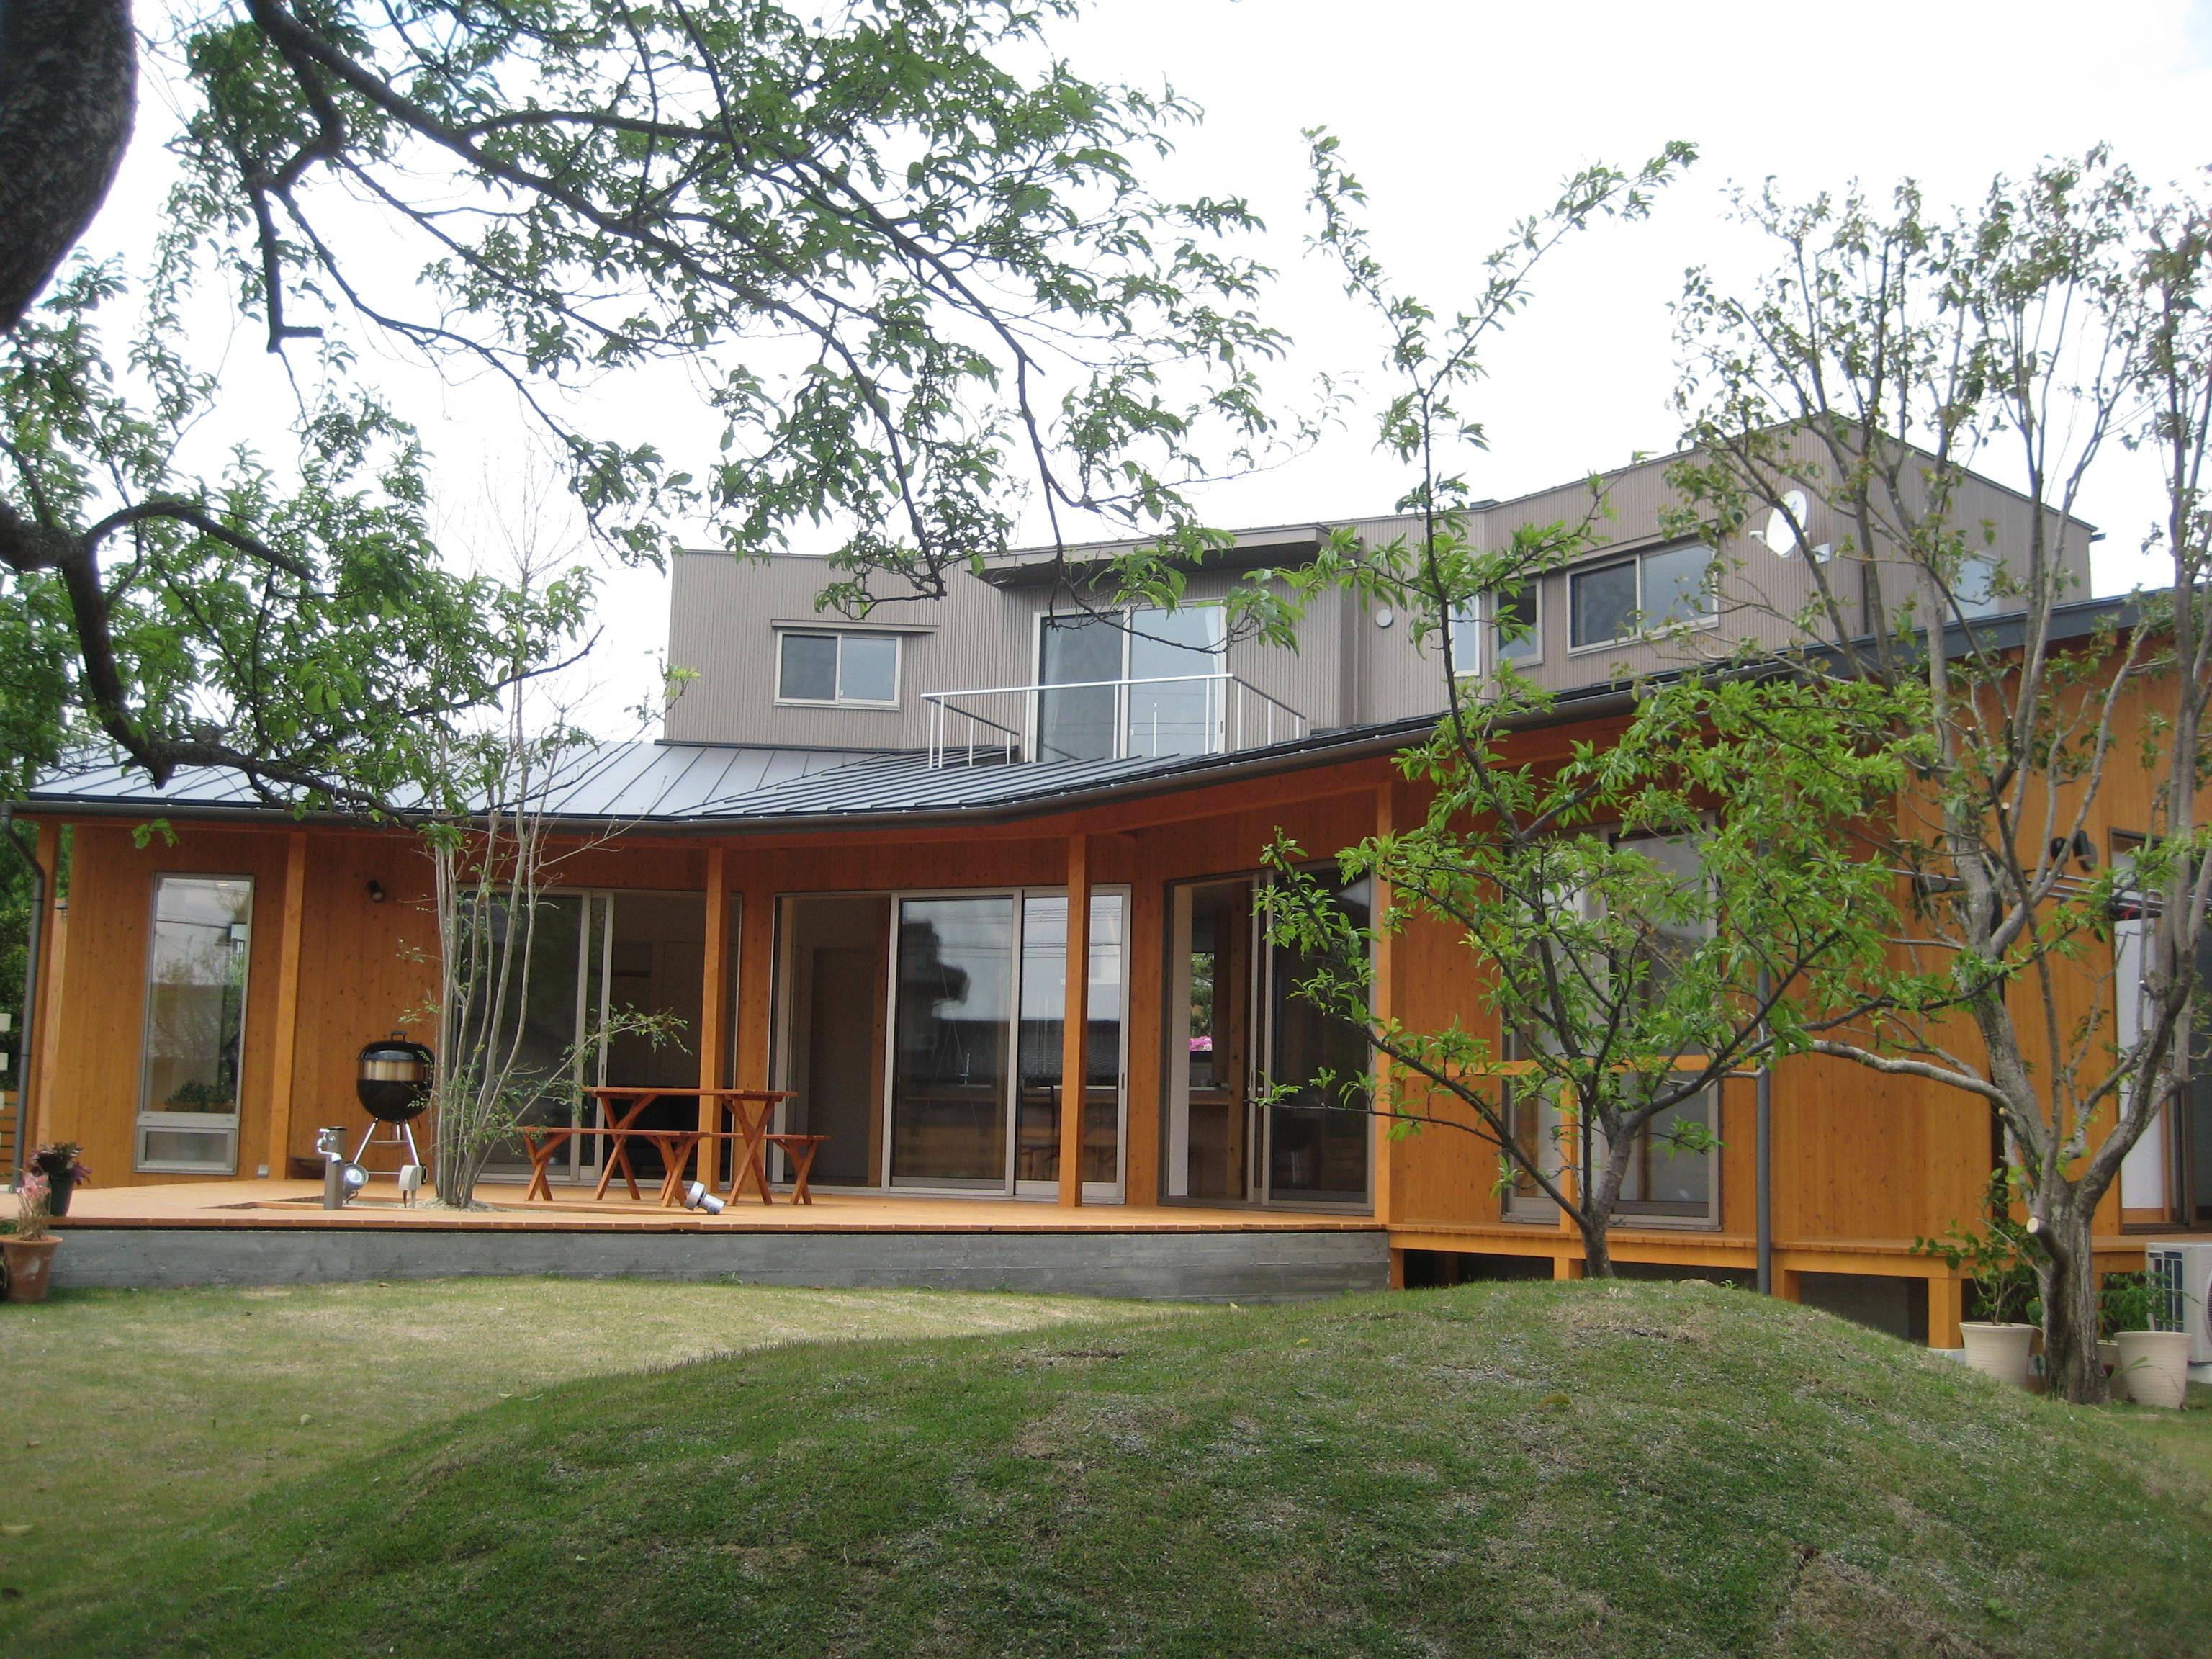 岐阜県各務原市「緑苑の家」木造住宅 撮影